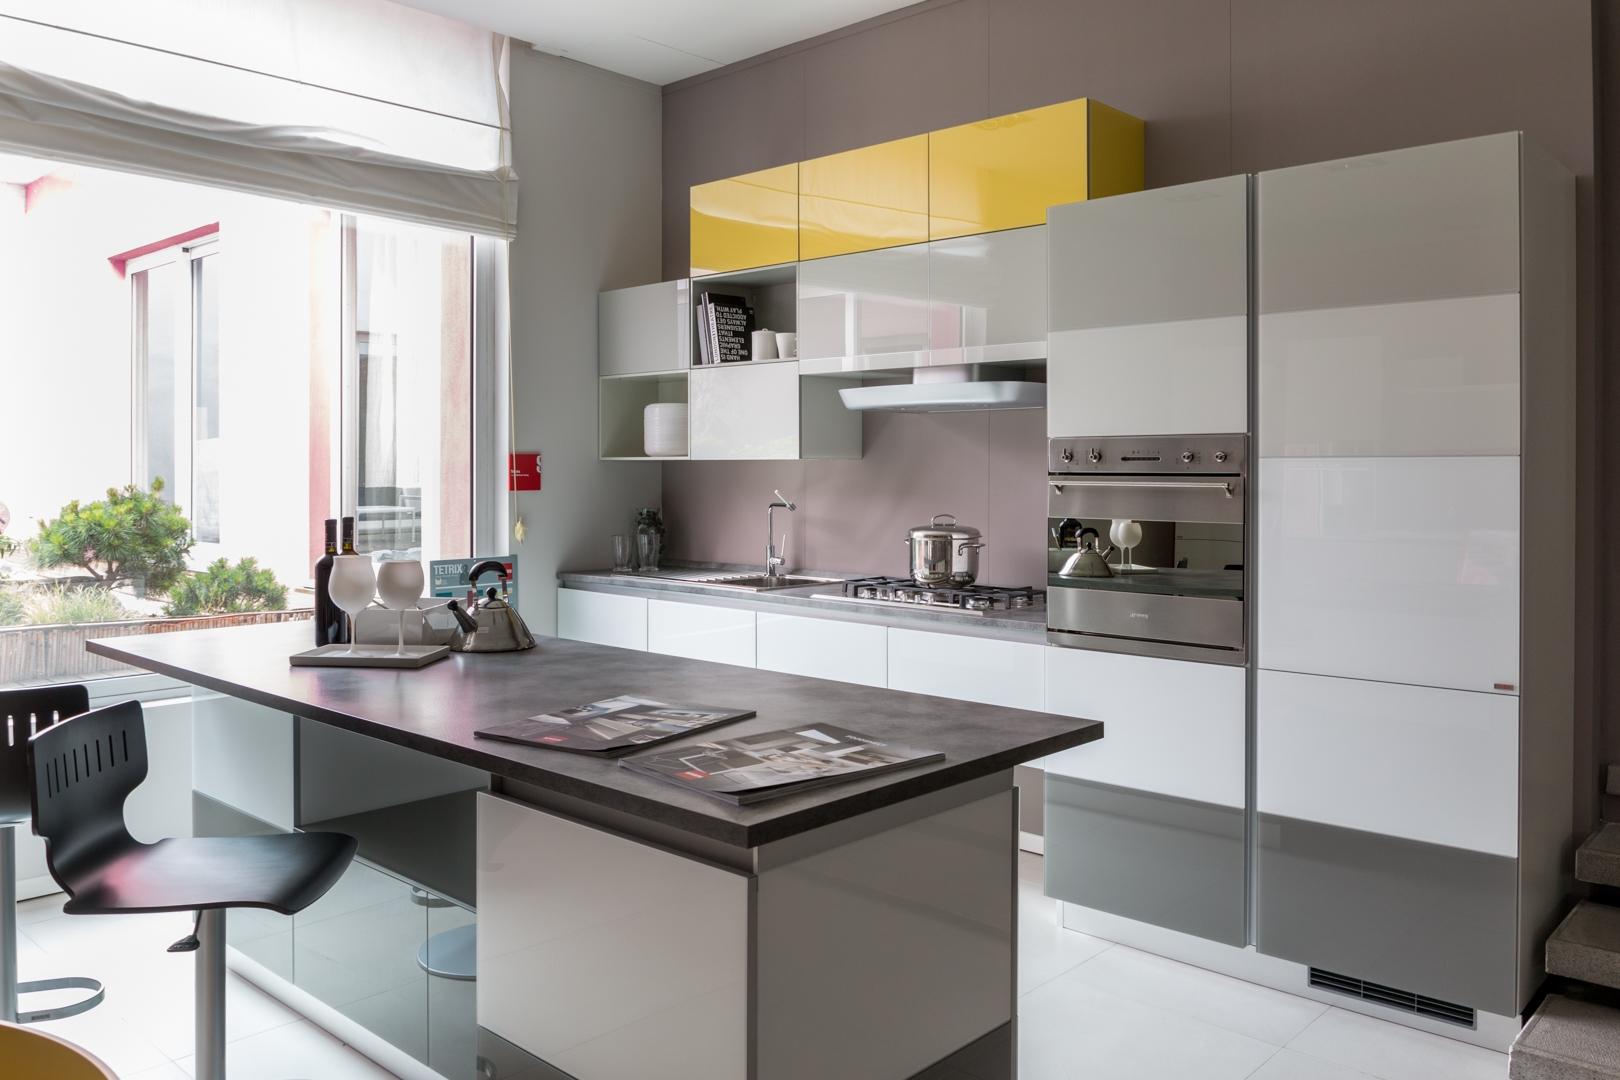 Cucina con isola Scavolini modello Tetrix scontata del 55